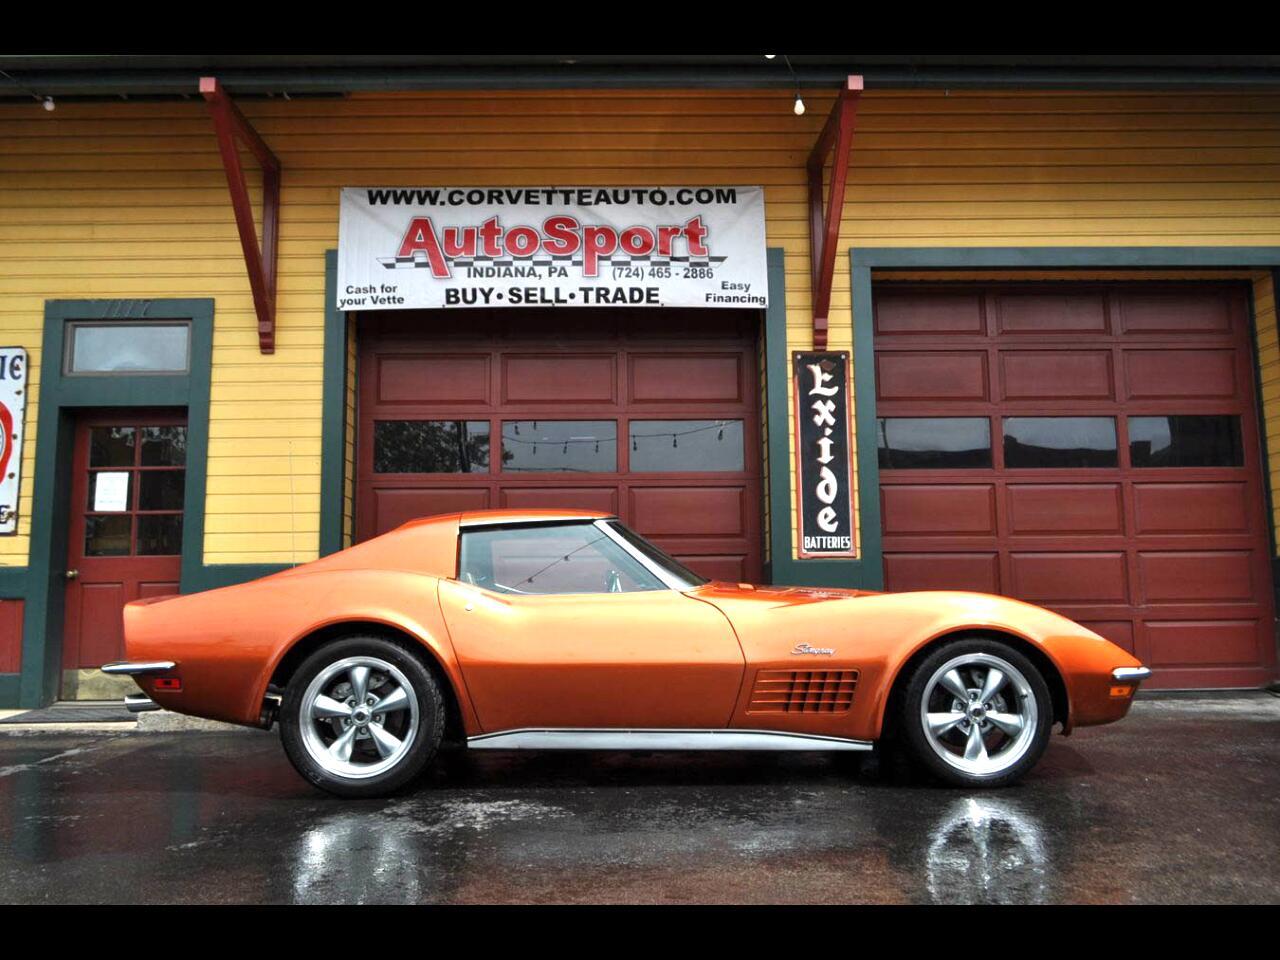 1972 Chevrolet Corvette 1972 #'s Matching 4sp Custom Orange Corvette!